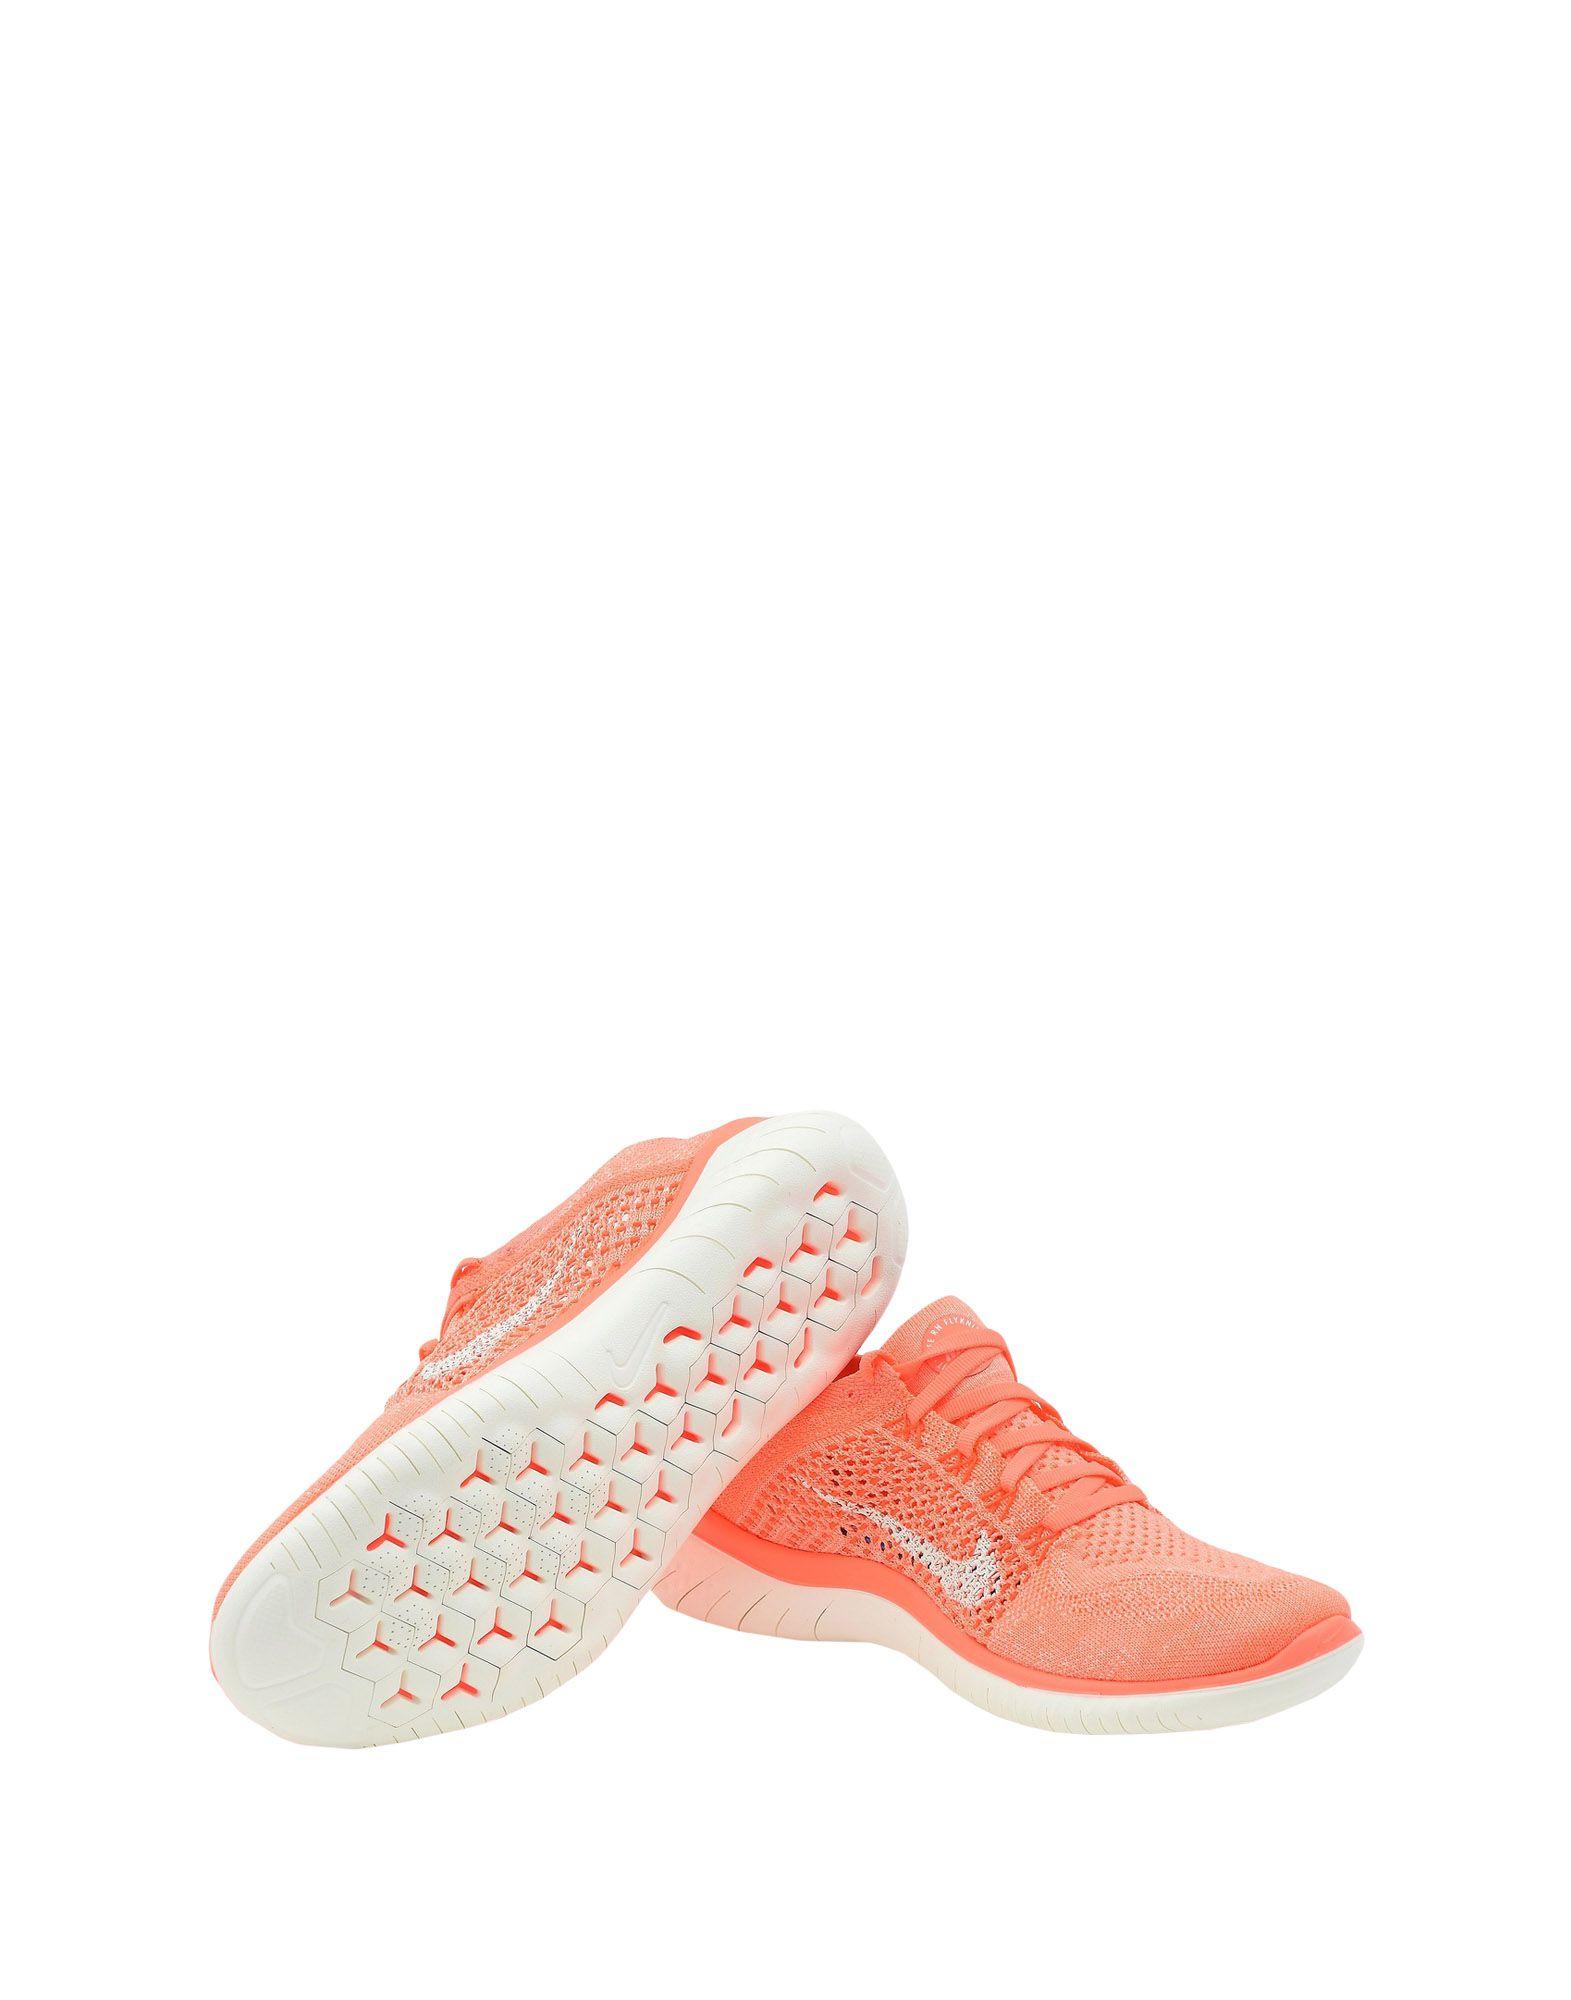 Sneakers Nike Wmns Nike Free Rn Flyknit 2018 - Femme - Sneakers Nike sur